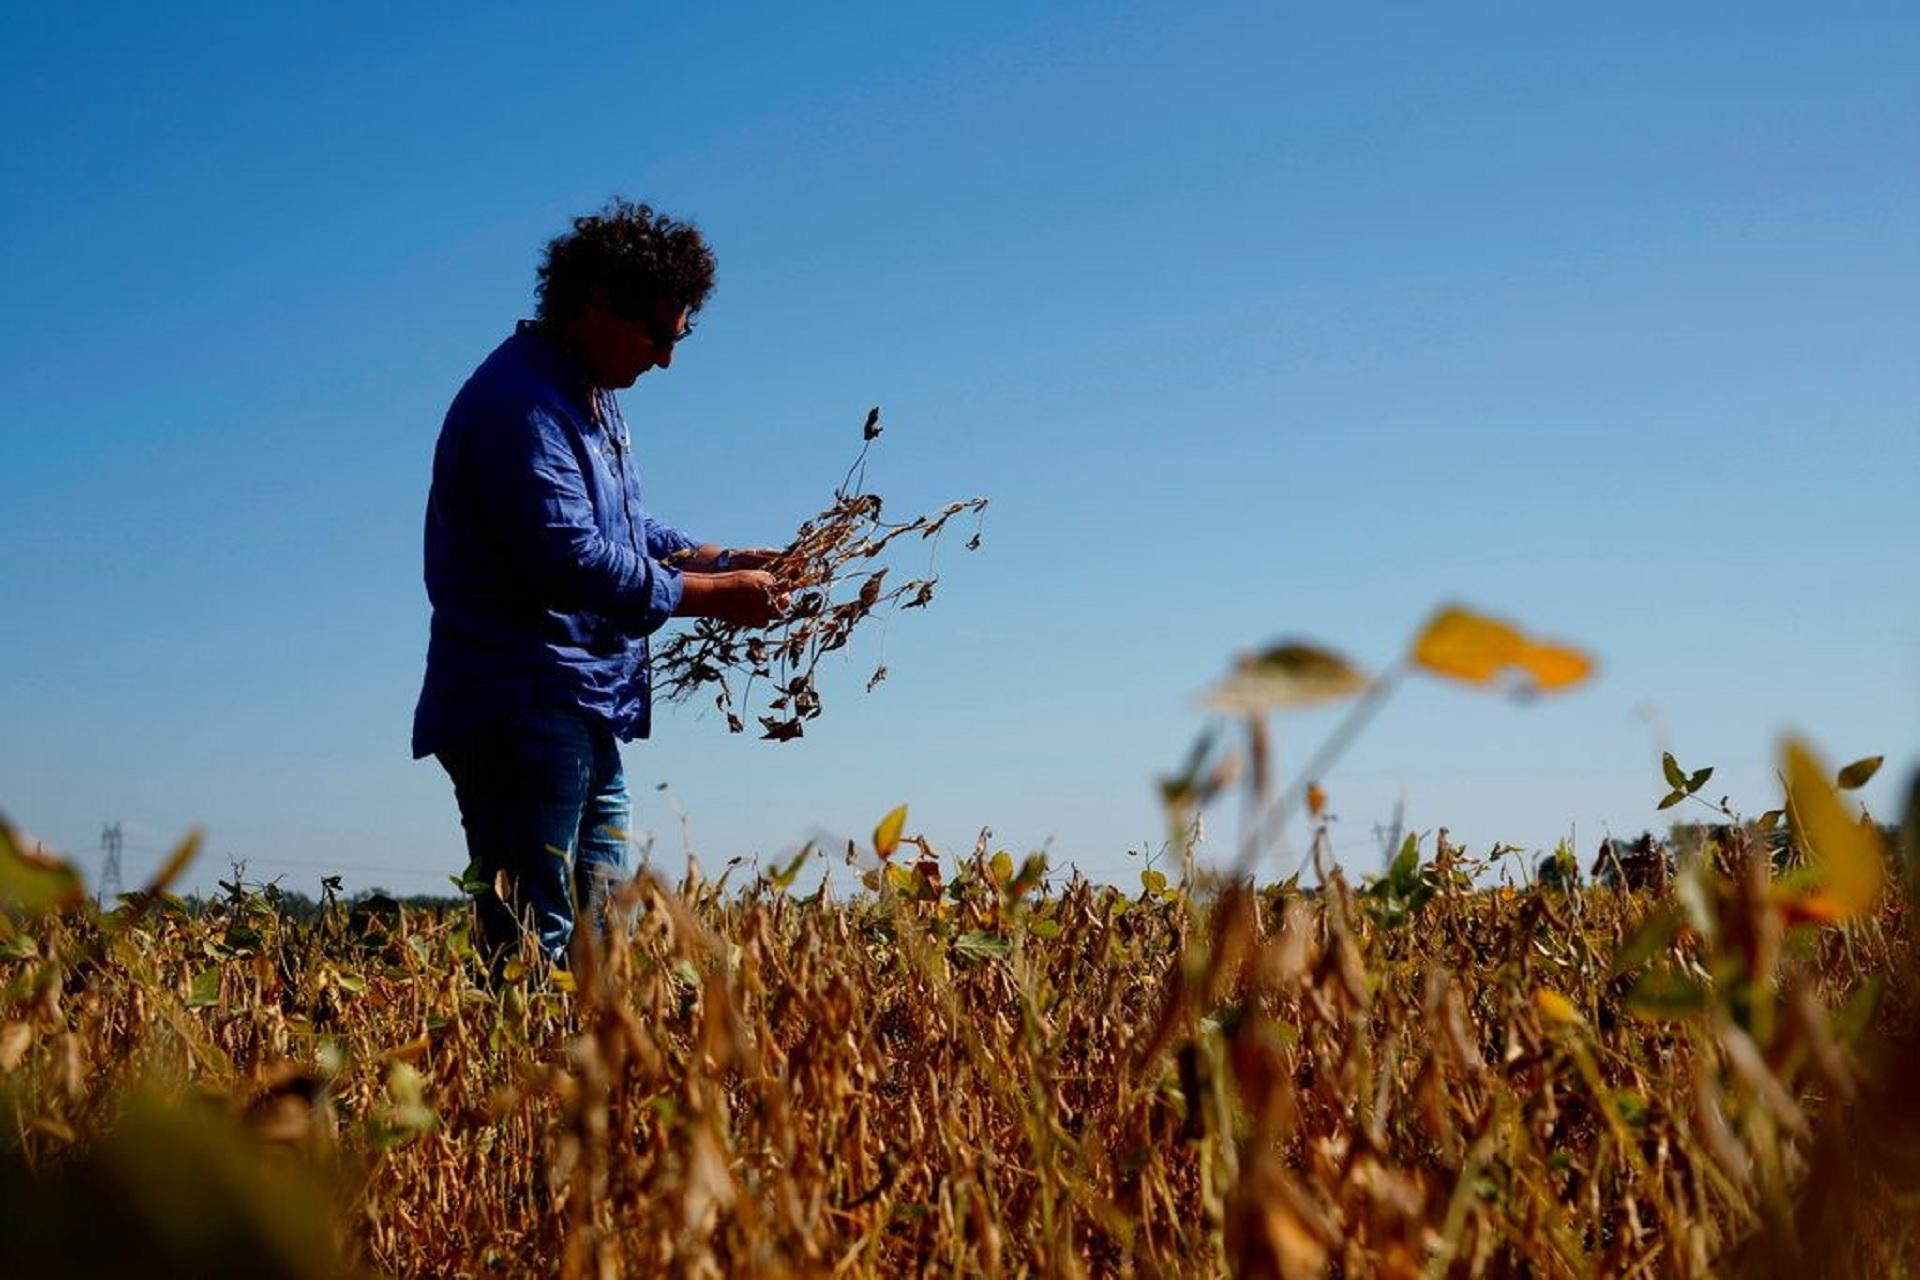 Desde fines de 2017 hasta abril de 2018, fue la peor sequía en 50 años. La cosecha de soja cayó 31% y la de maíz 20%